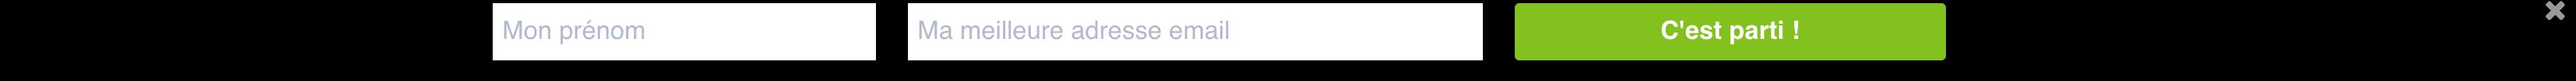 Capture-décran-2020-08-25-à-13.44.17.png